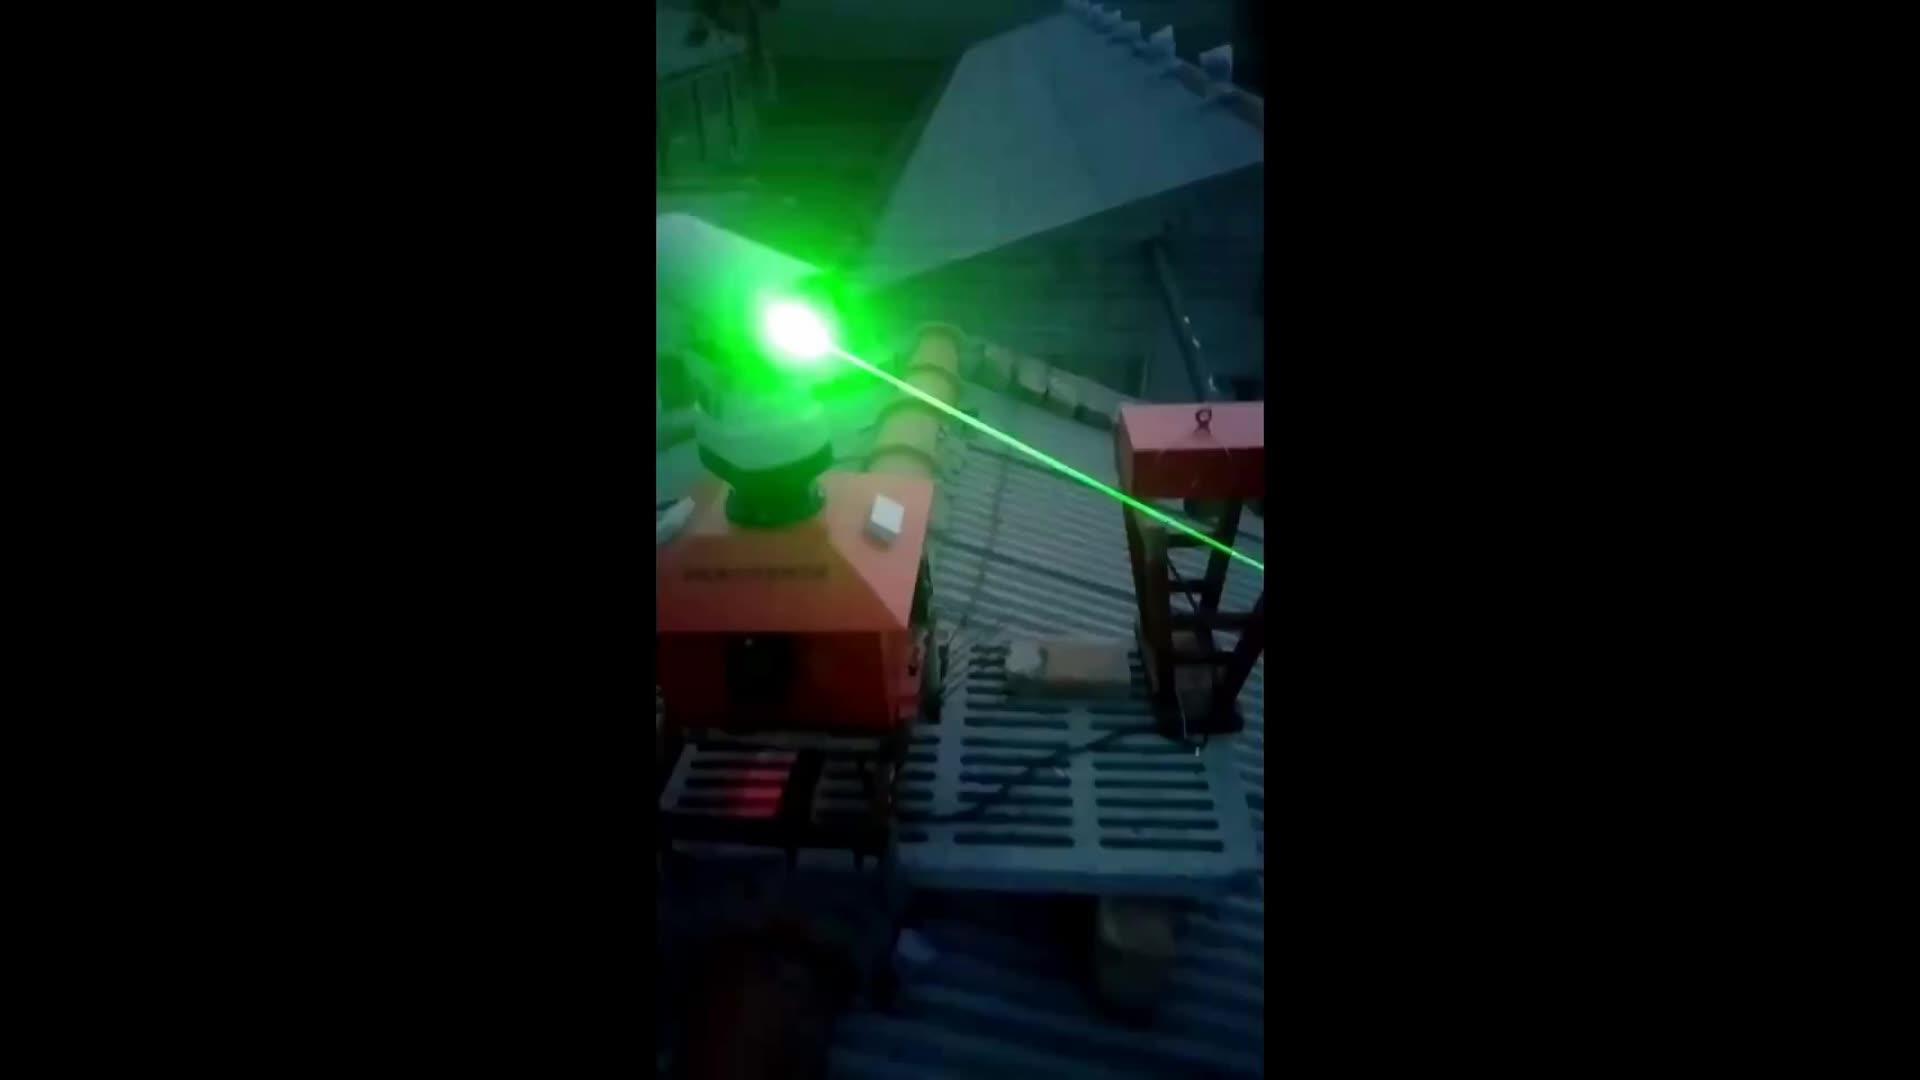 4-in-1 Uzun Menzilli Lazer Akustik Dolu Kuş Kovucu Tarım, Su Ürünleri Yetiştiriciliği ve enerji santralleri